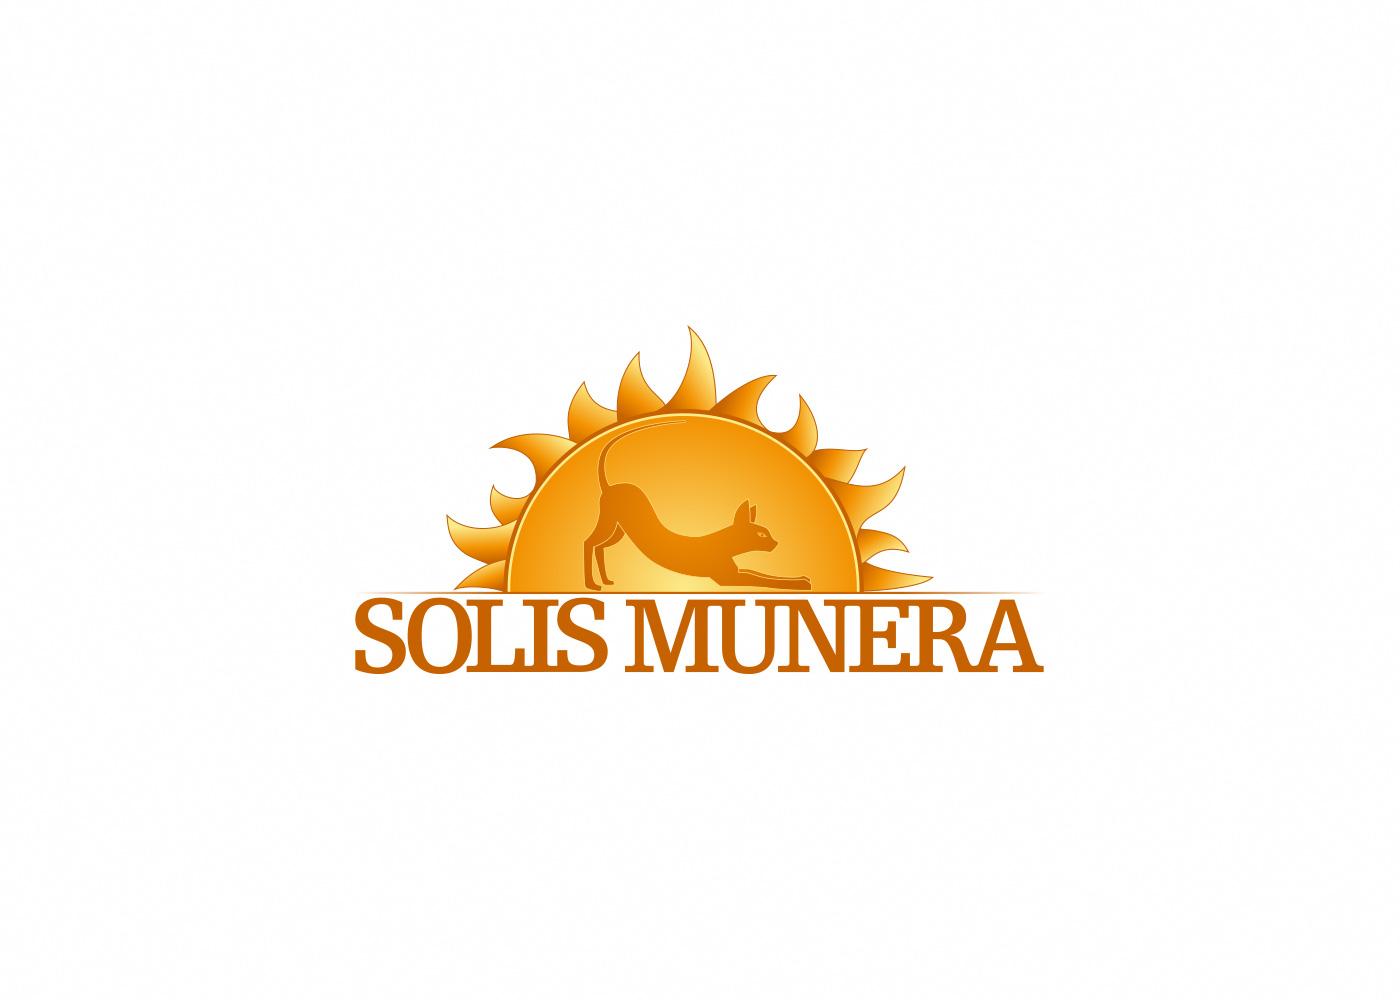 solis munera logo white